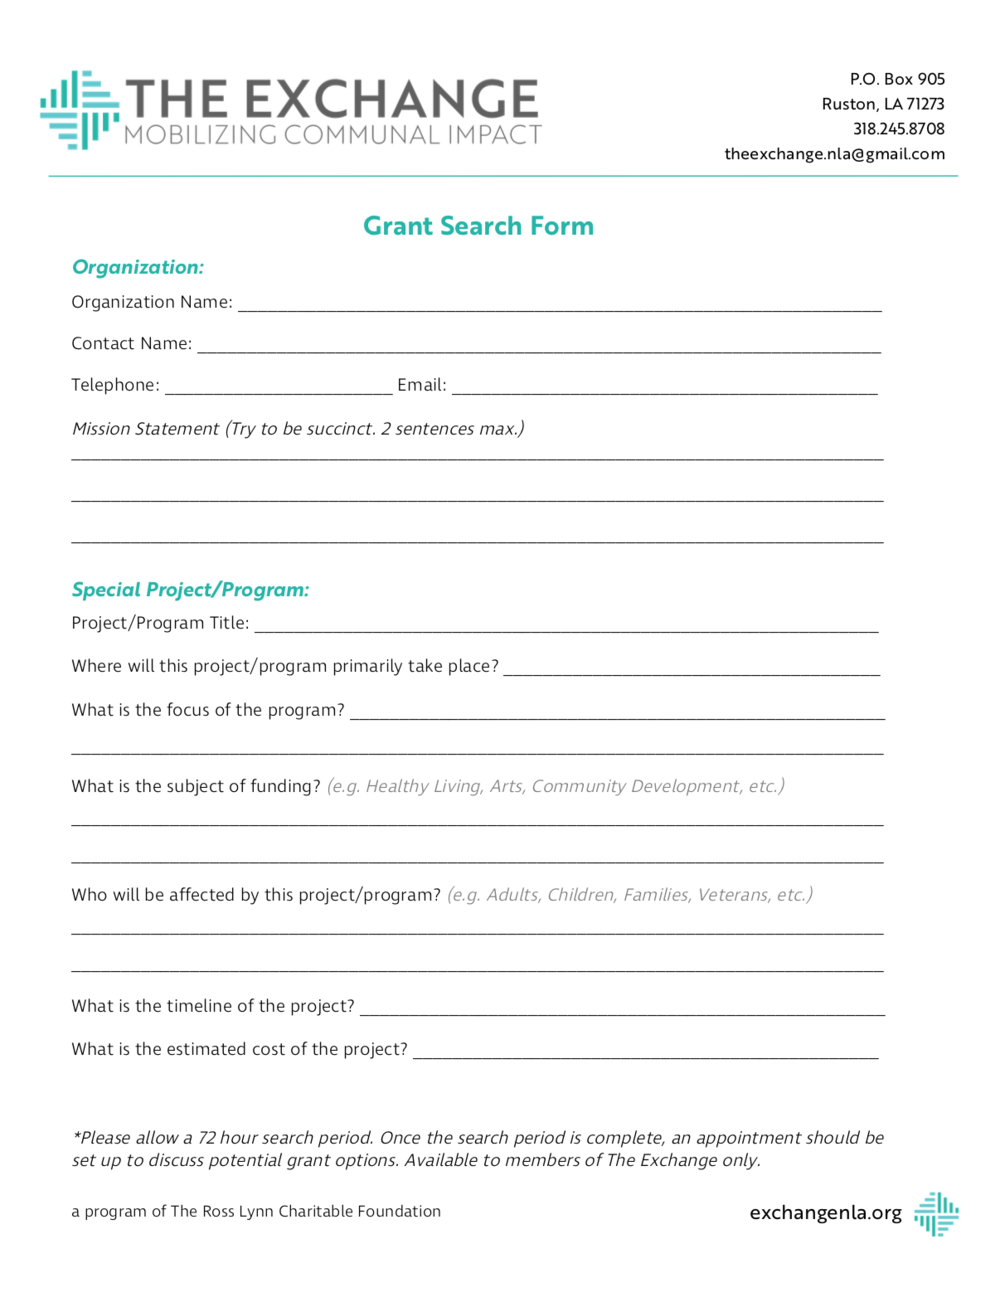 Grant Search form